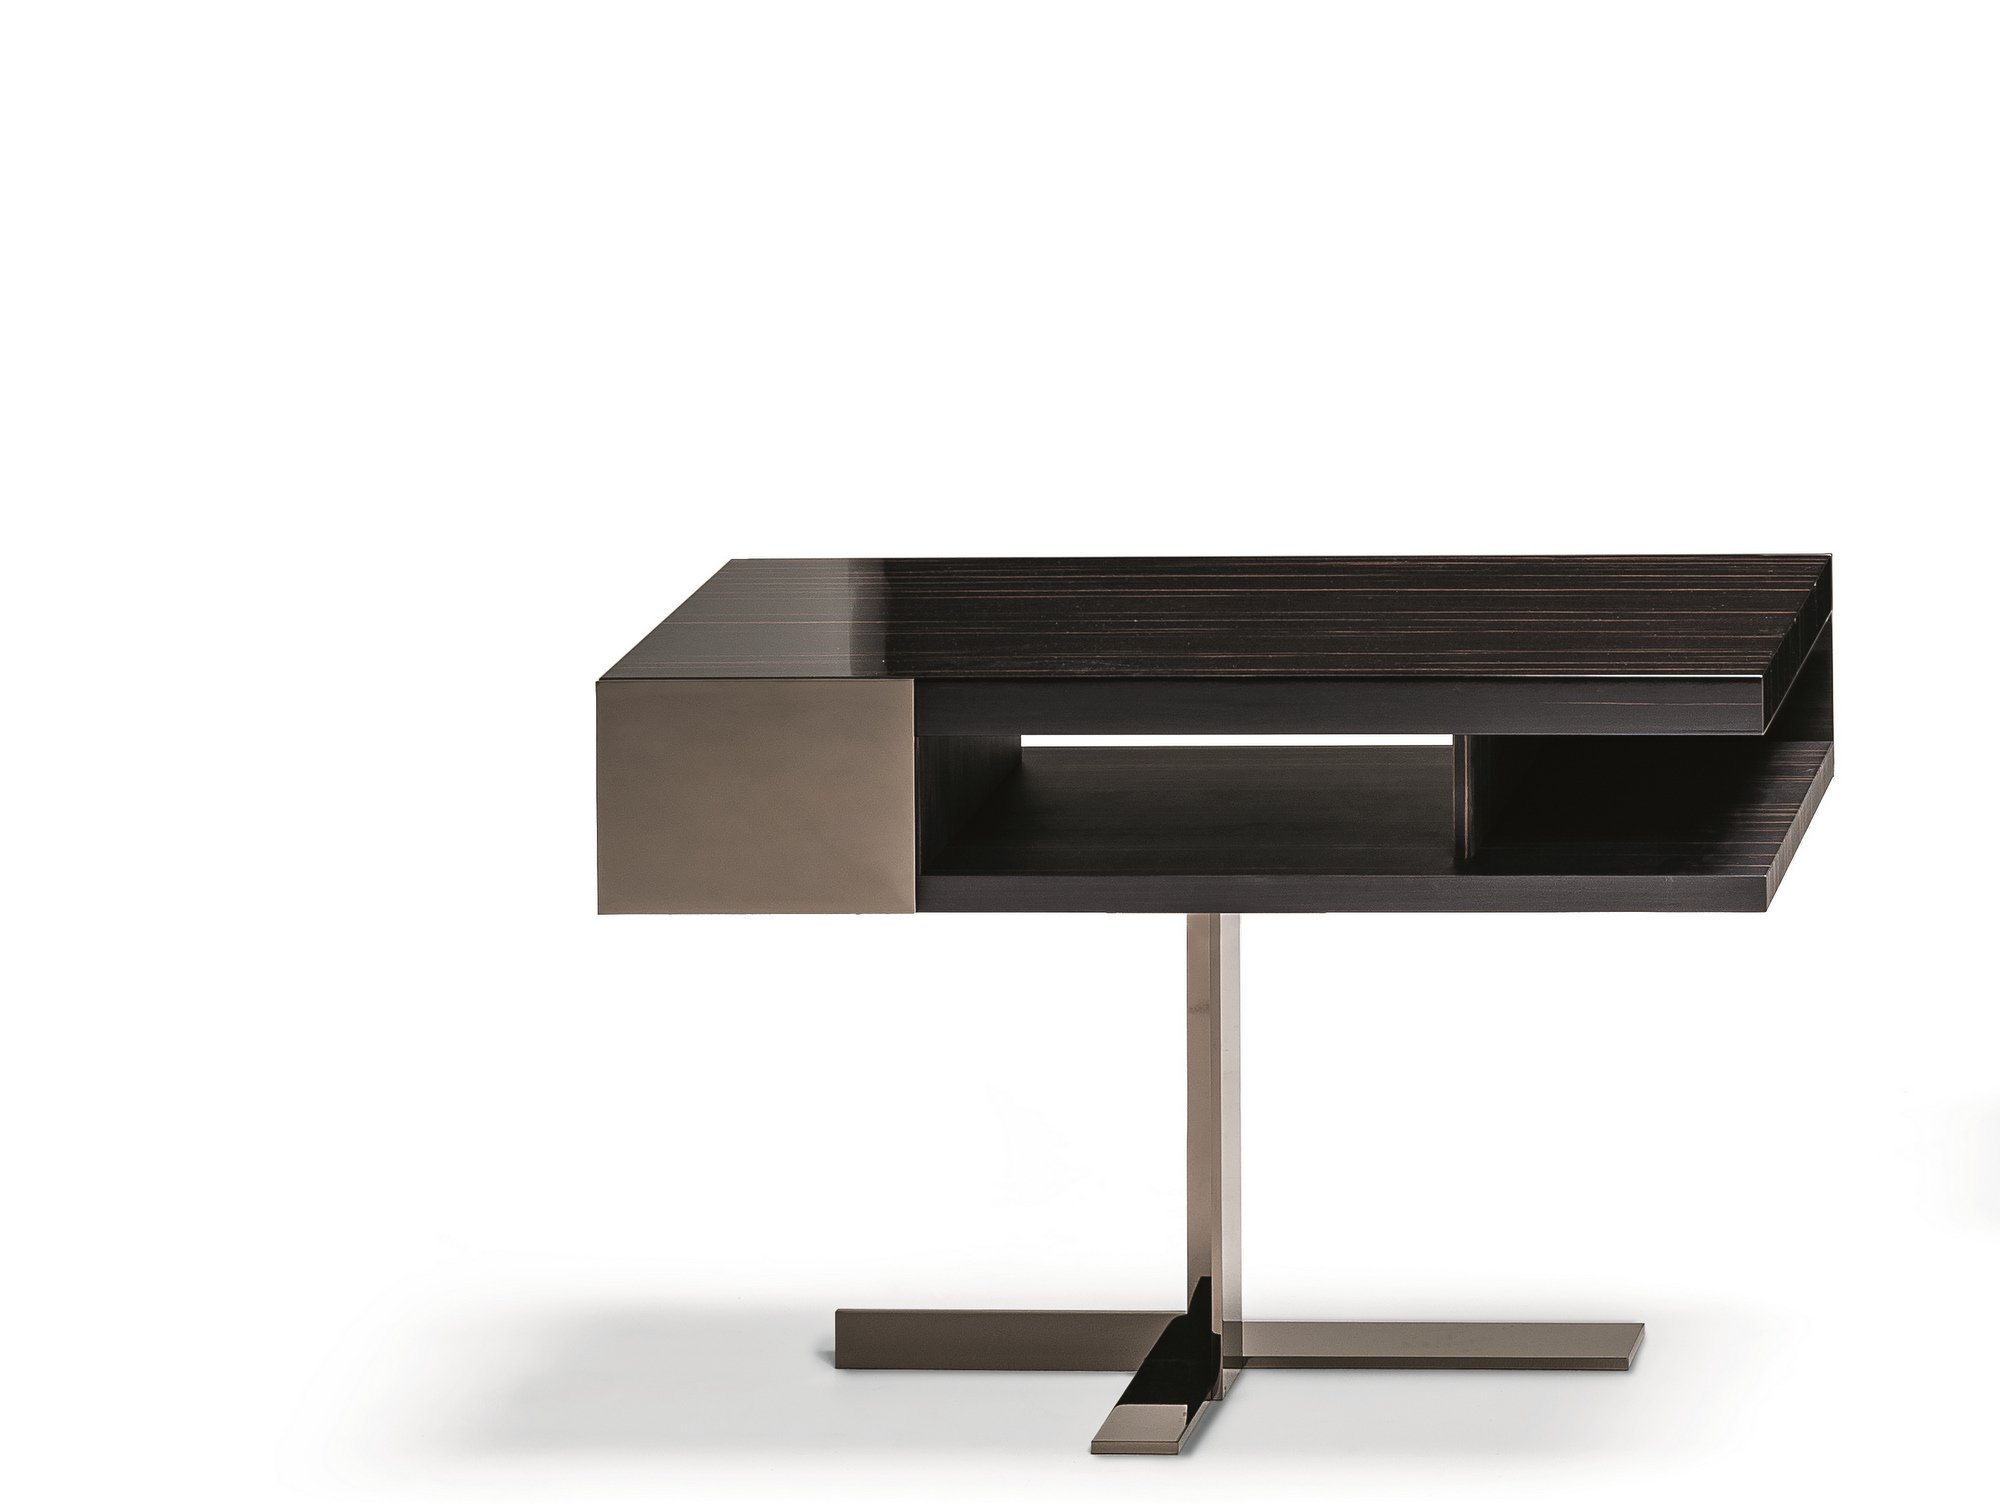 ELAS Couchtisch Kollektion Elas by Arketipo Design Mauro Lipparini